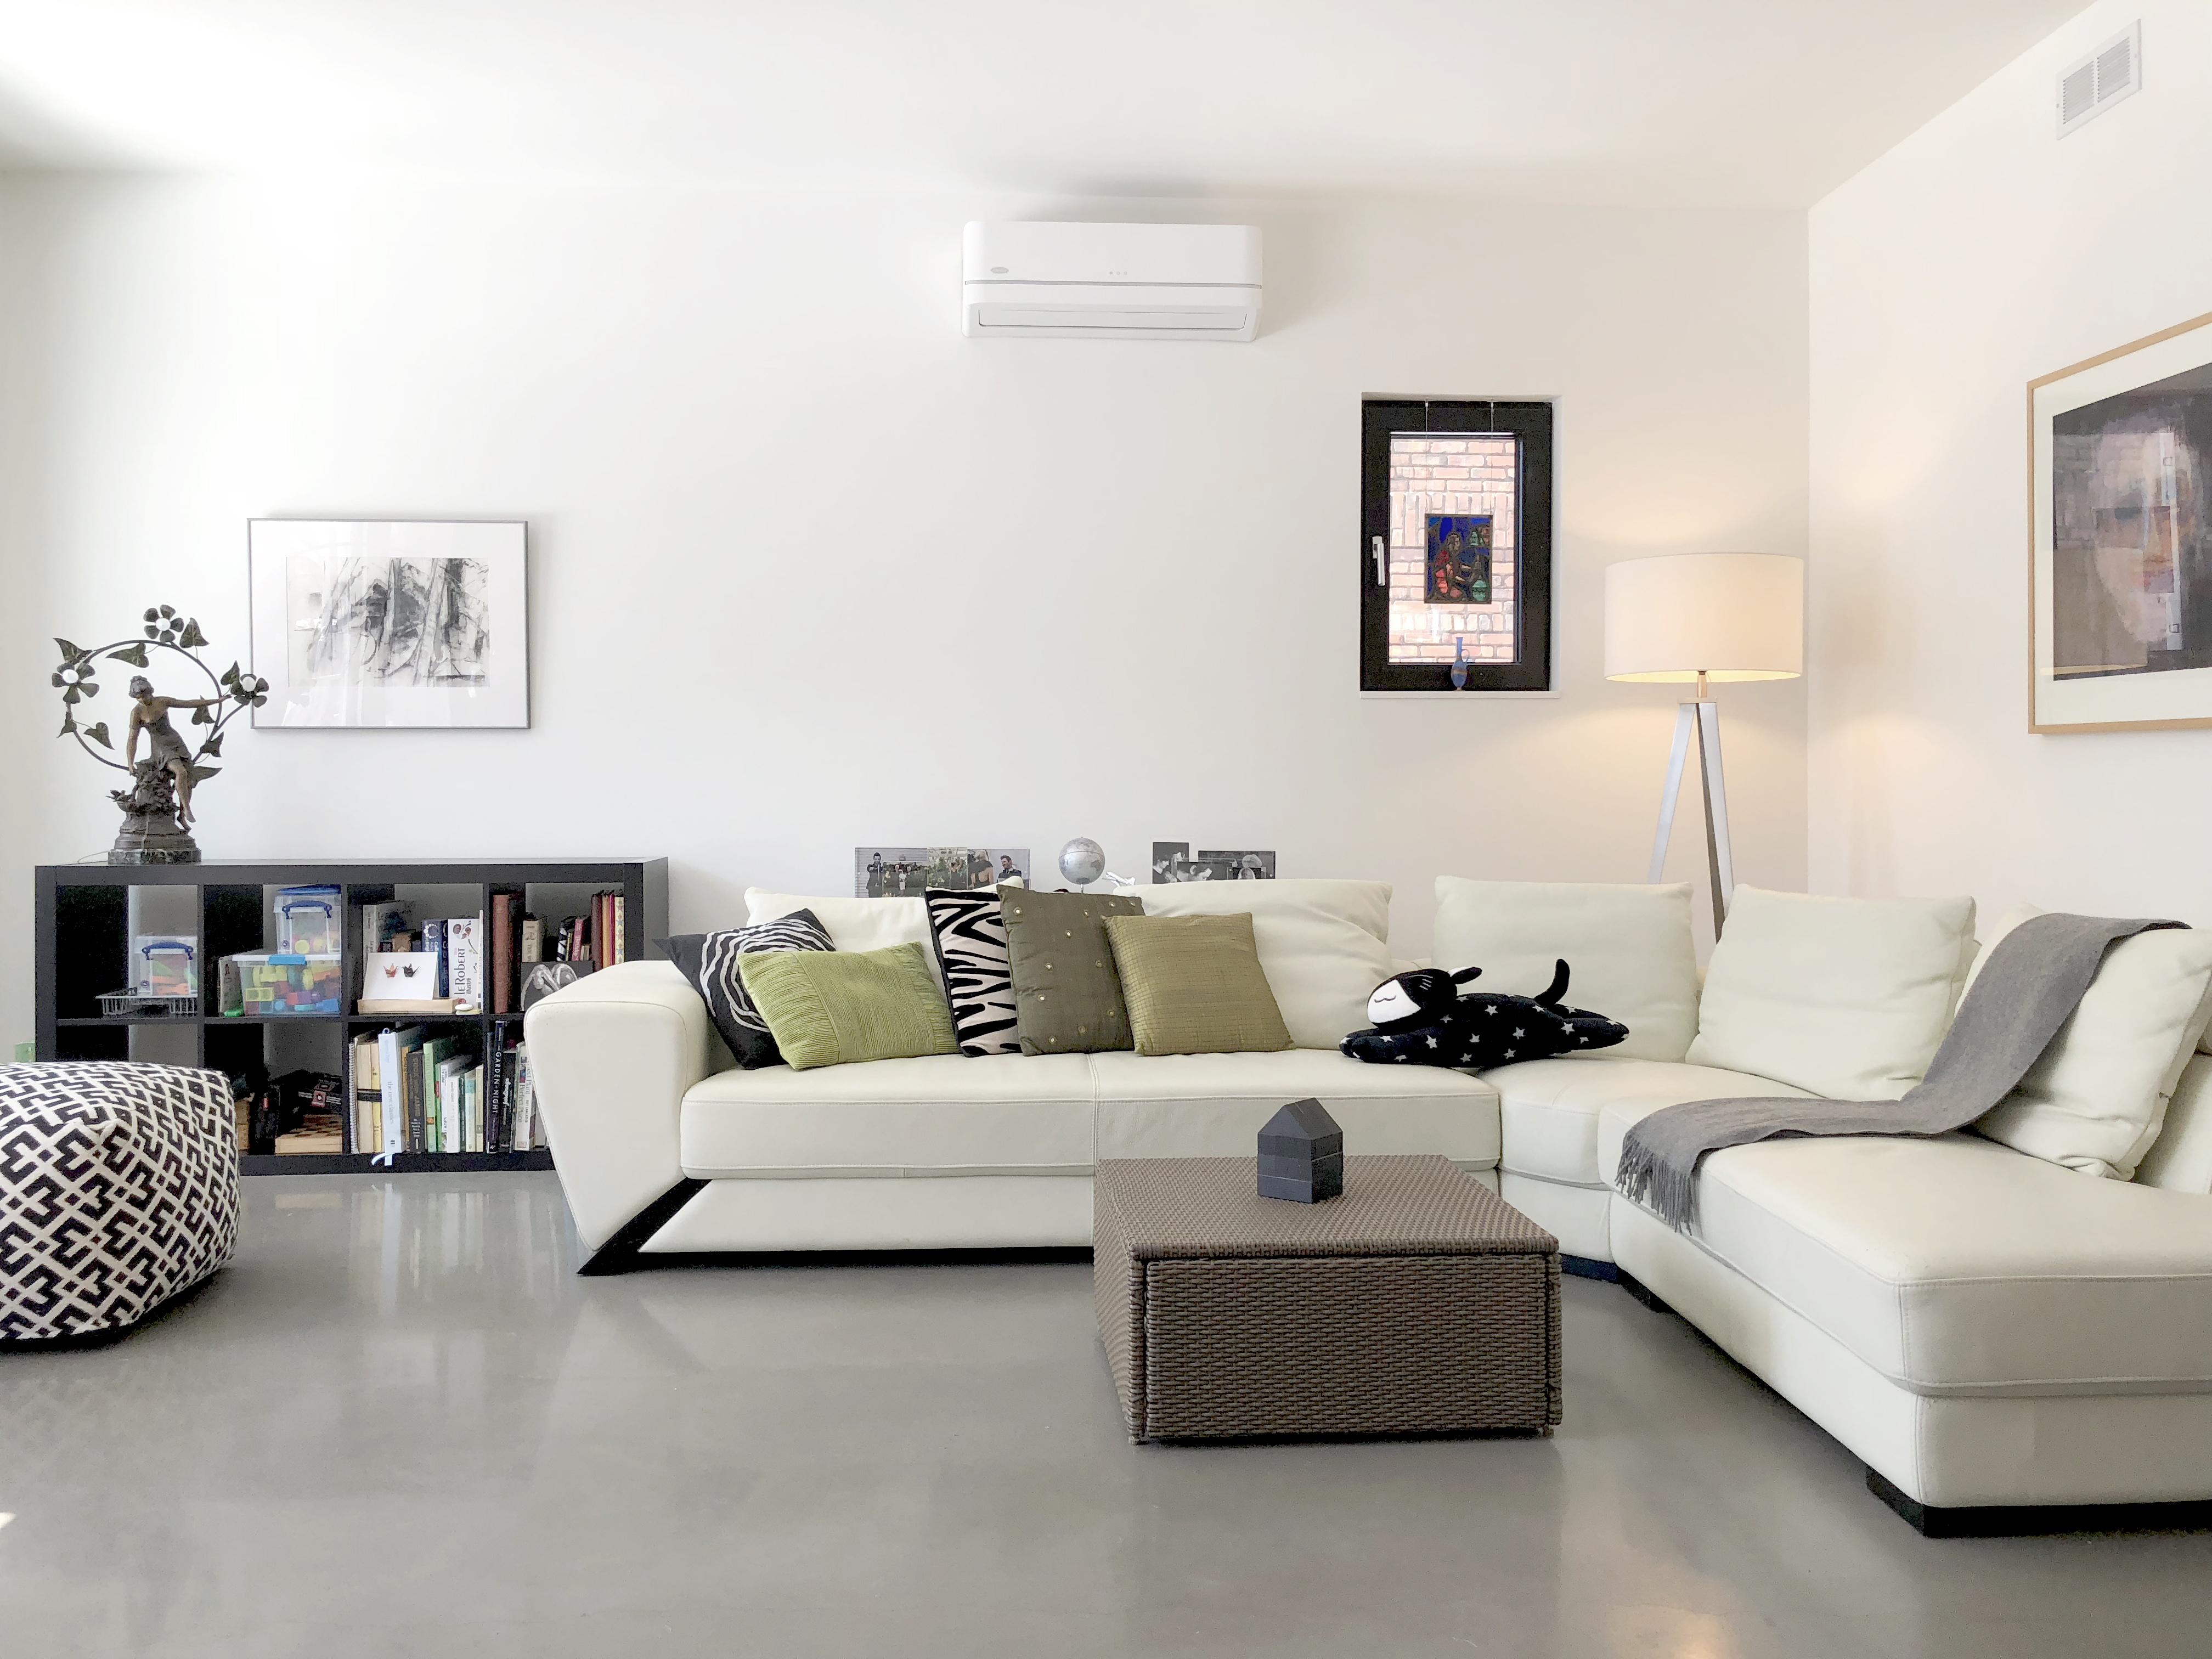 Bureau Architecture_Residence SALON